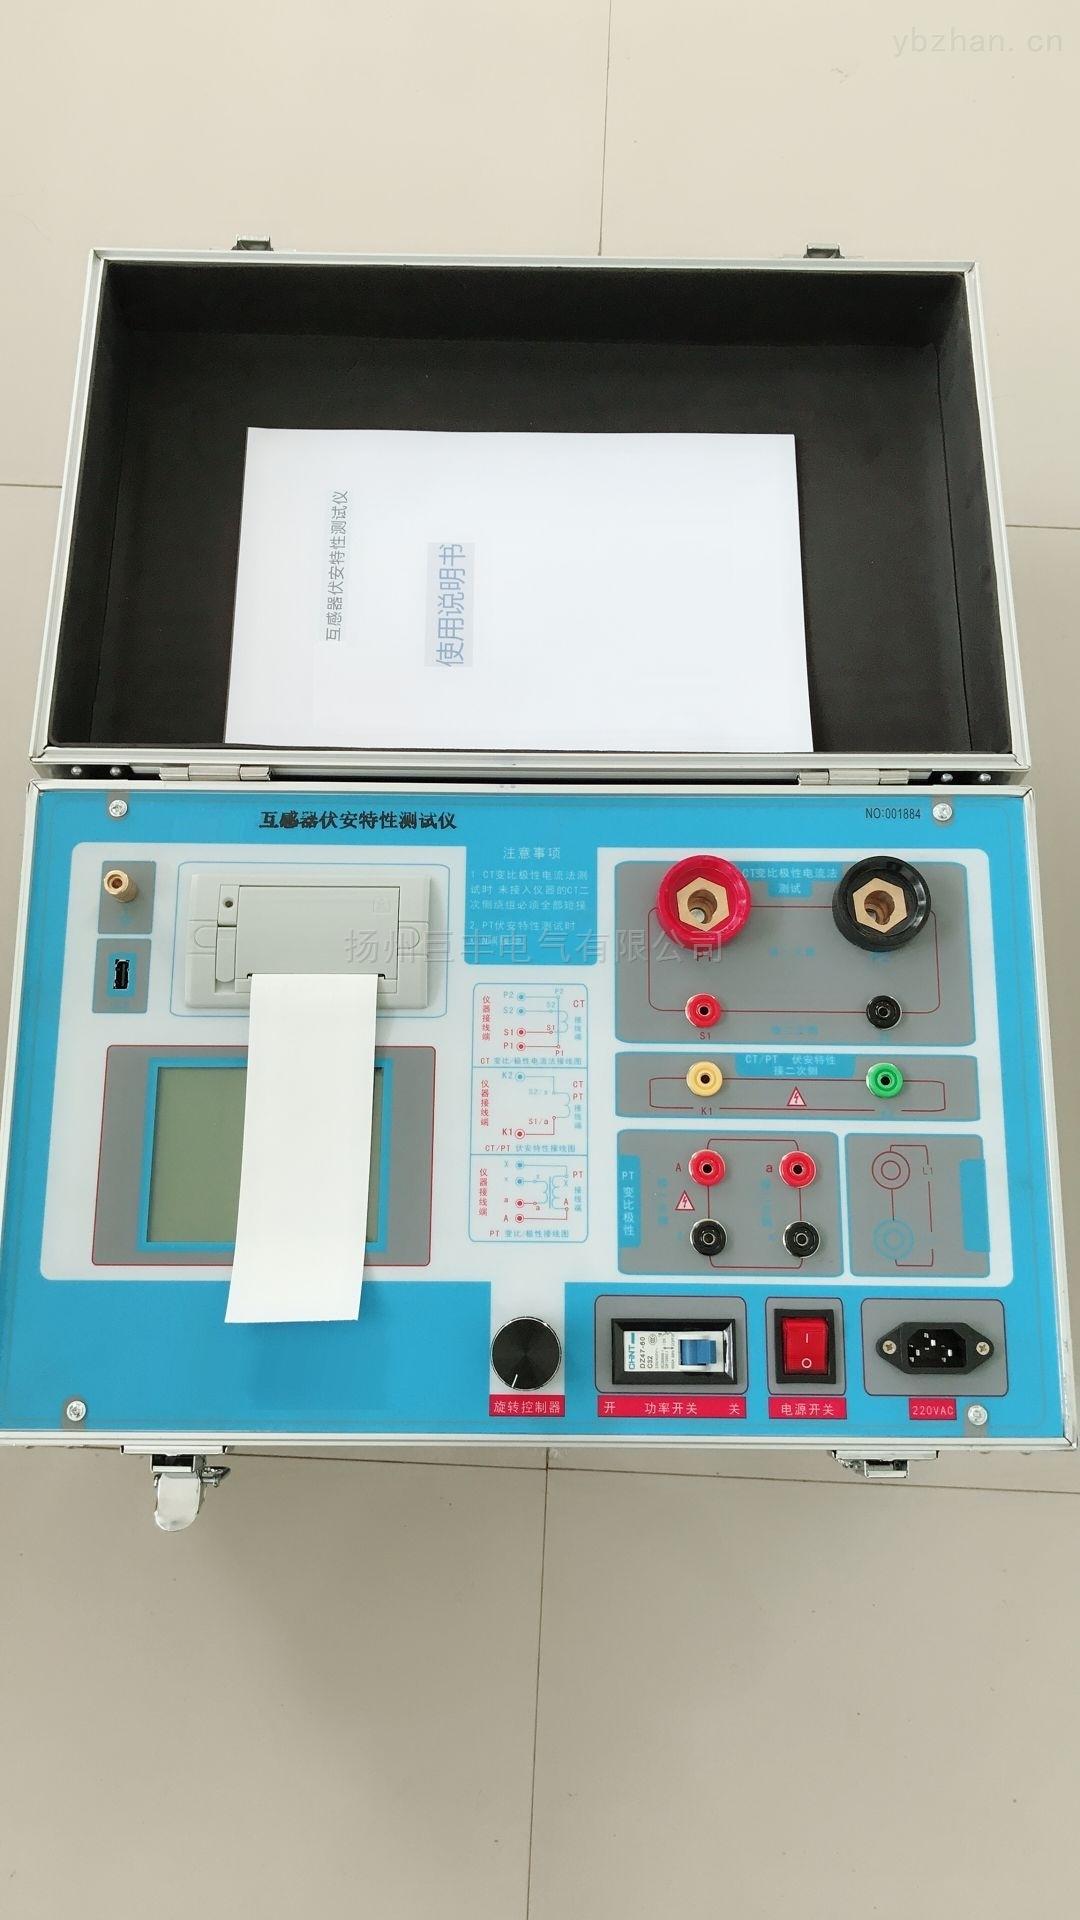 1000V/600A互感器伏安特性測試儀